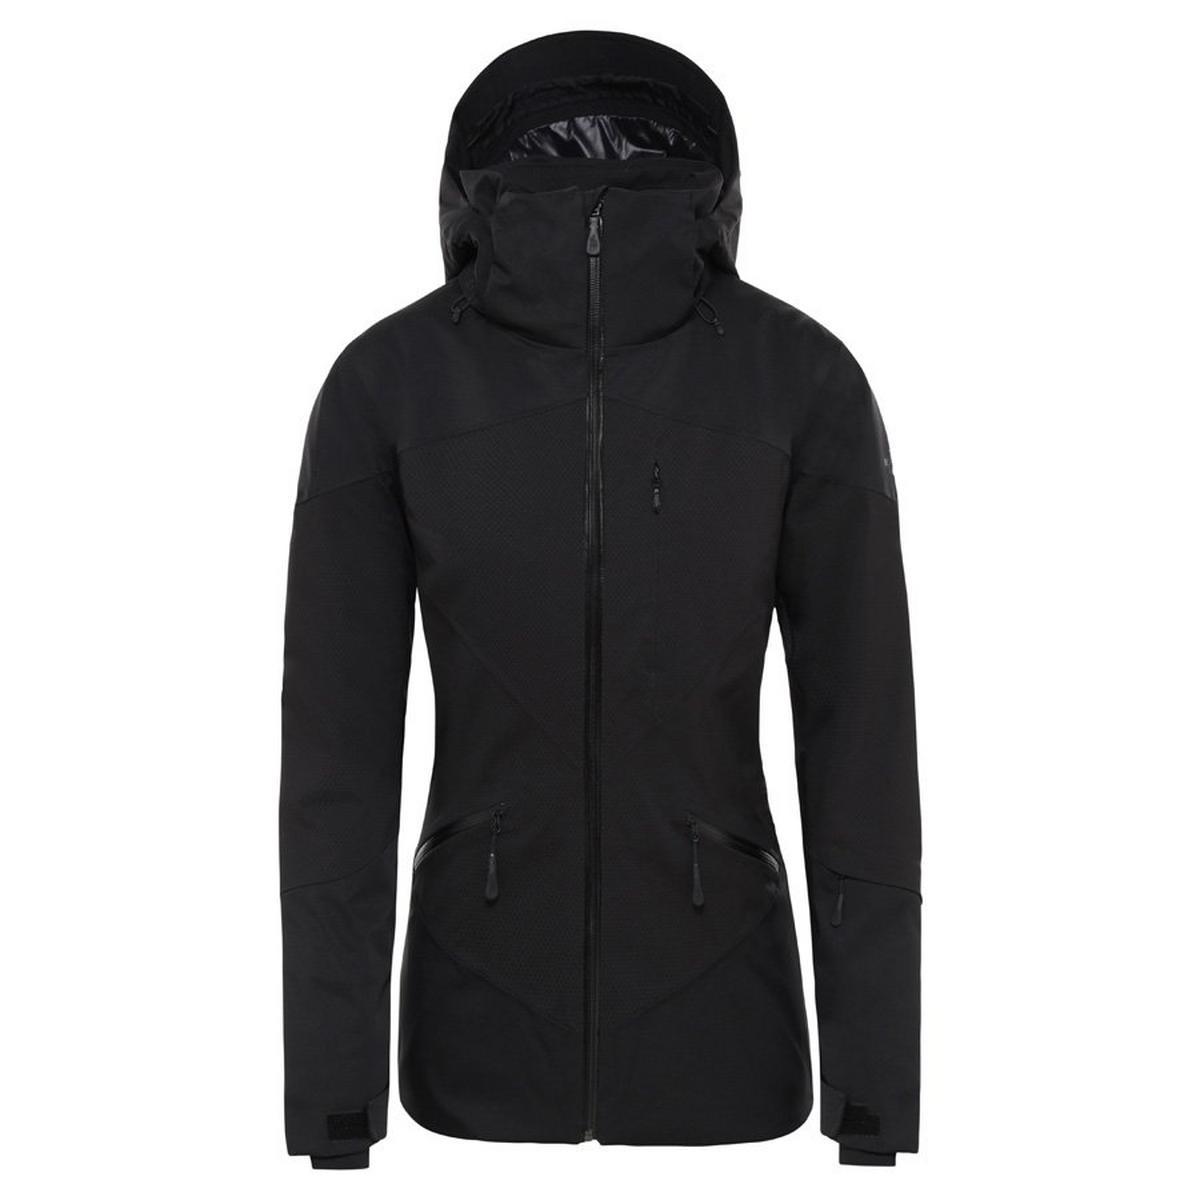 The North Face Women's Lenado Waterproof Jacket